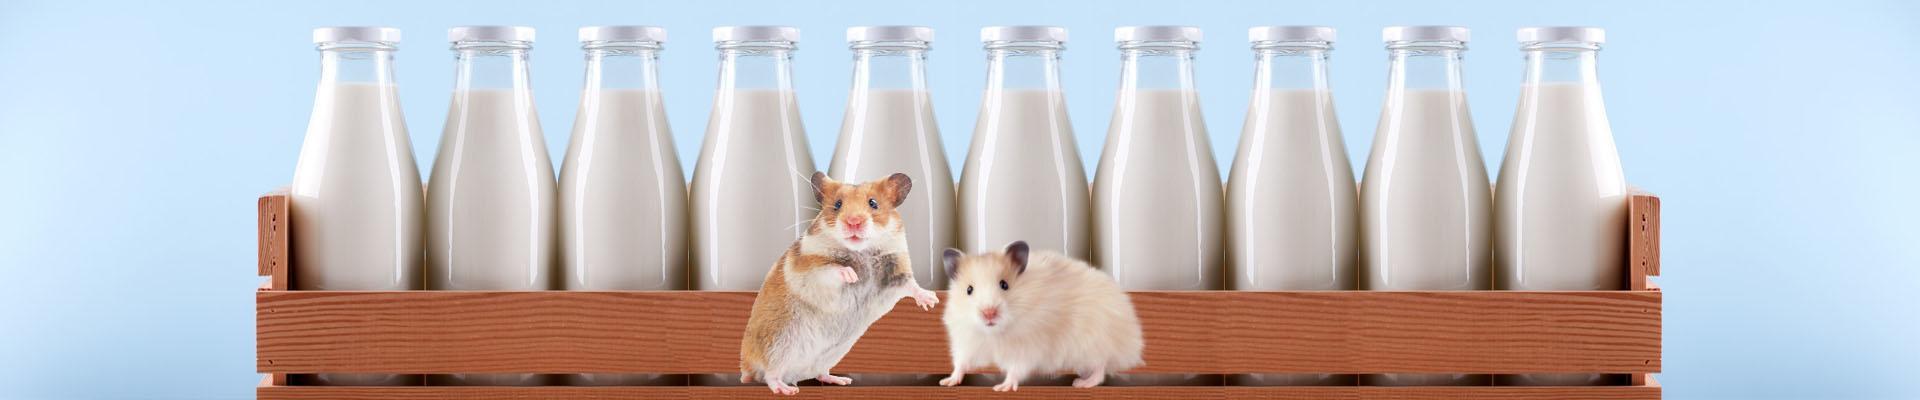 Можно ли хомякам молоко, творог и вообще кисломолочные продукты